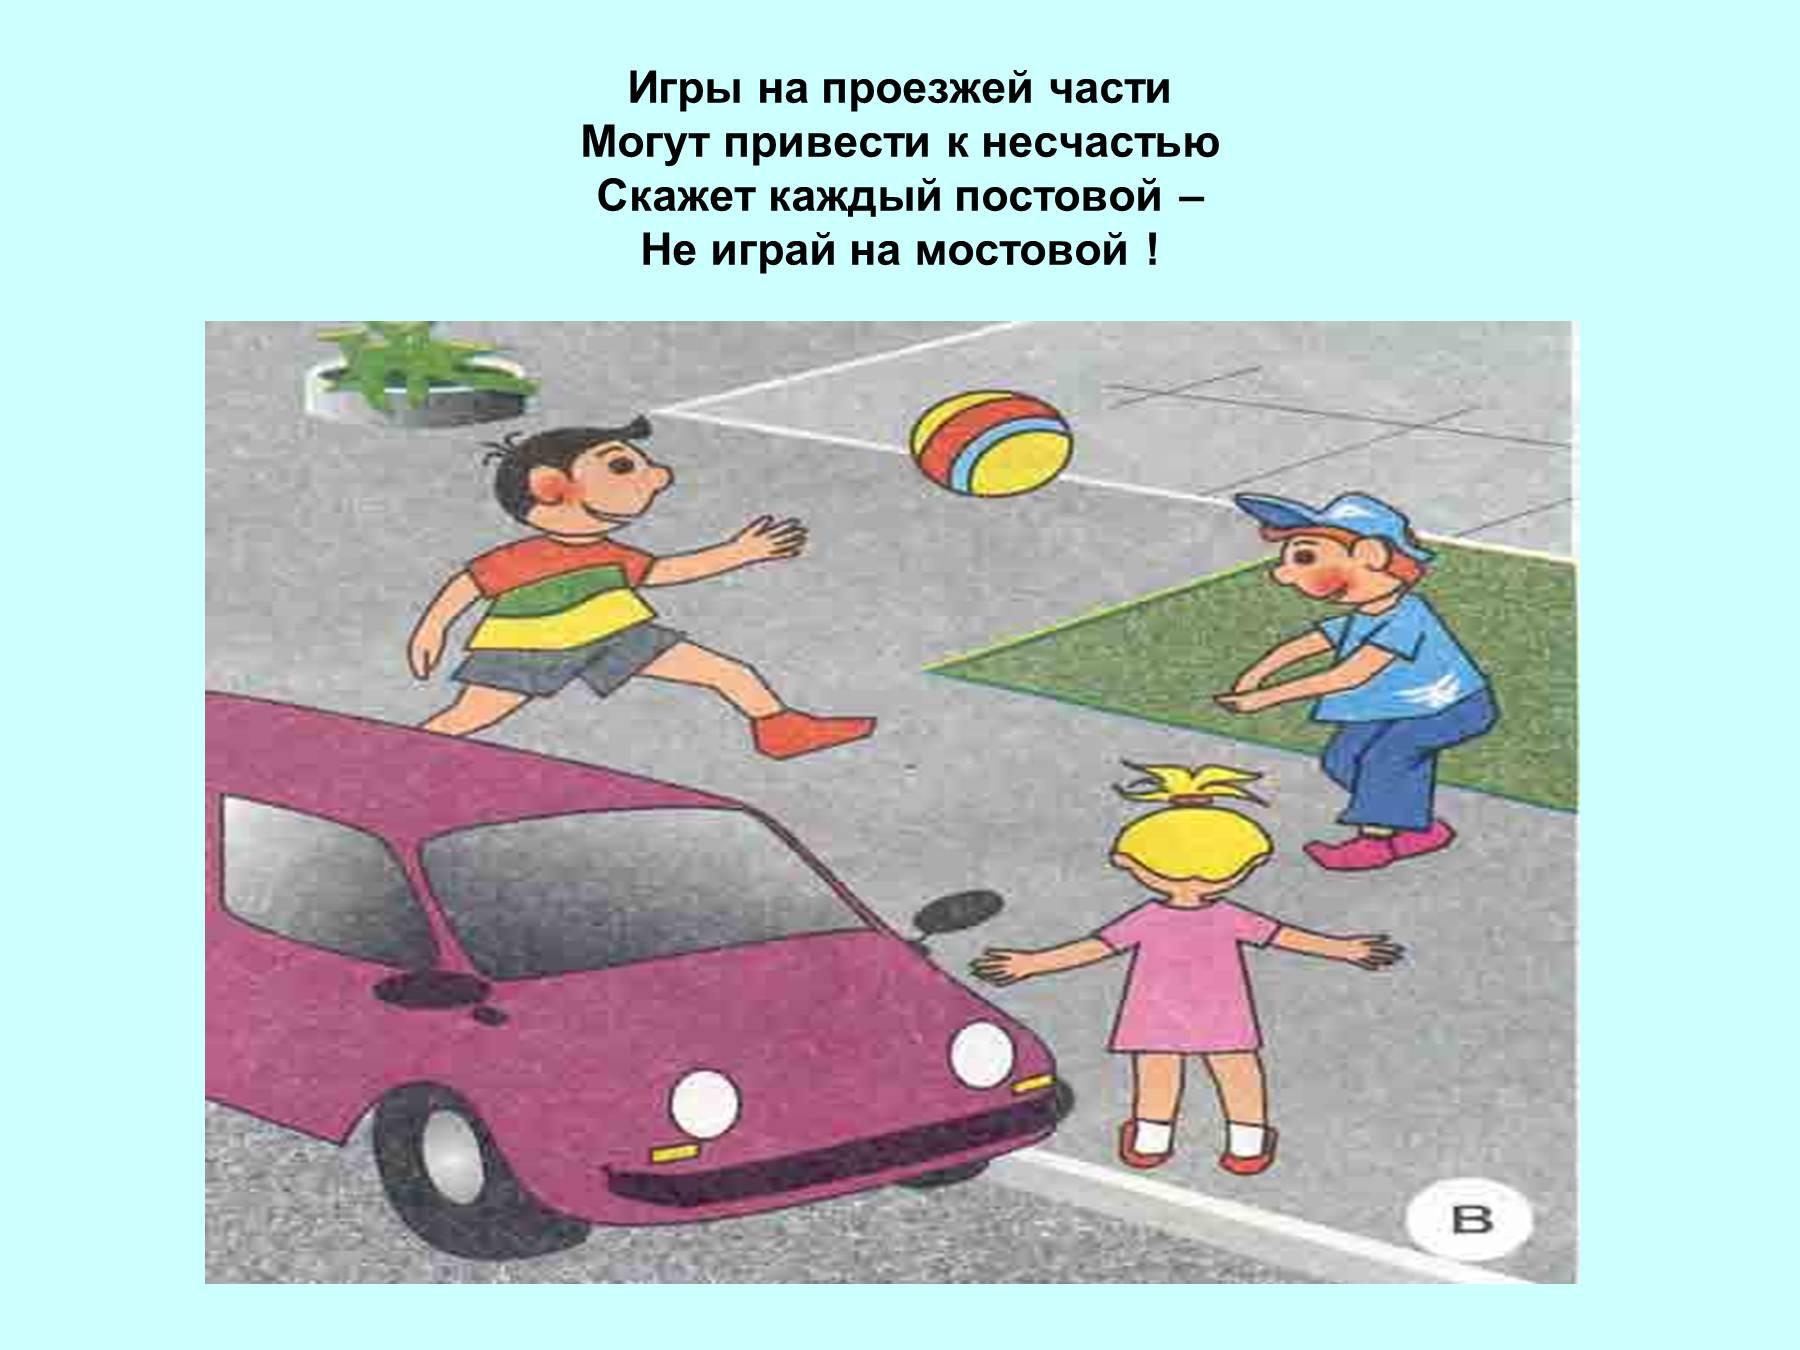 1 2 3 2 1 2 разрешается, так как знак не запрещает детям переходить здесь улицу